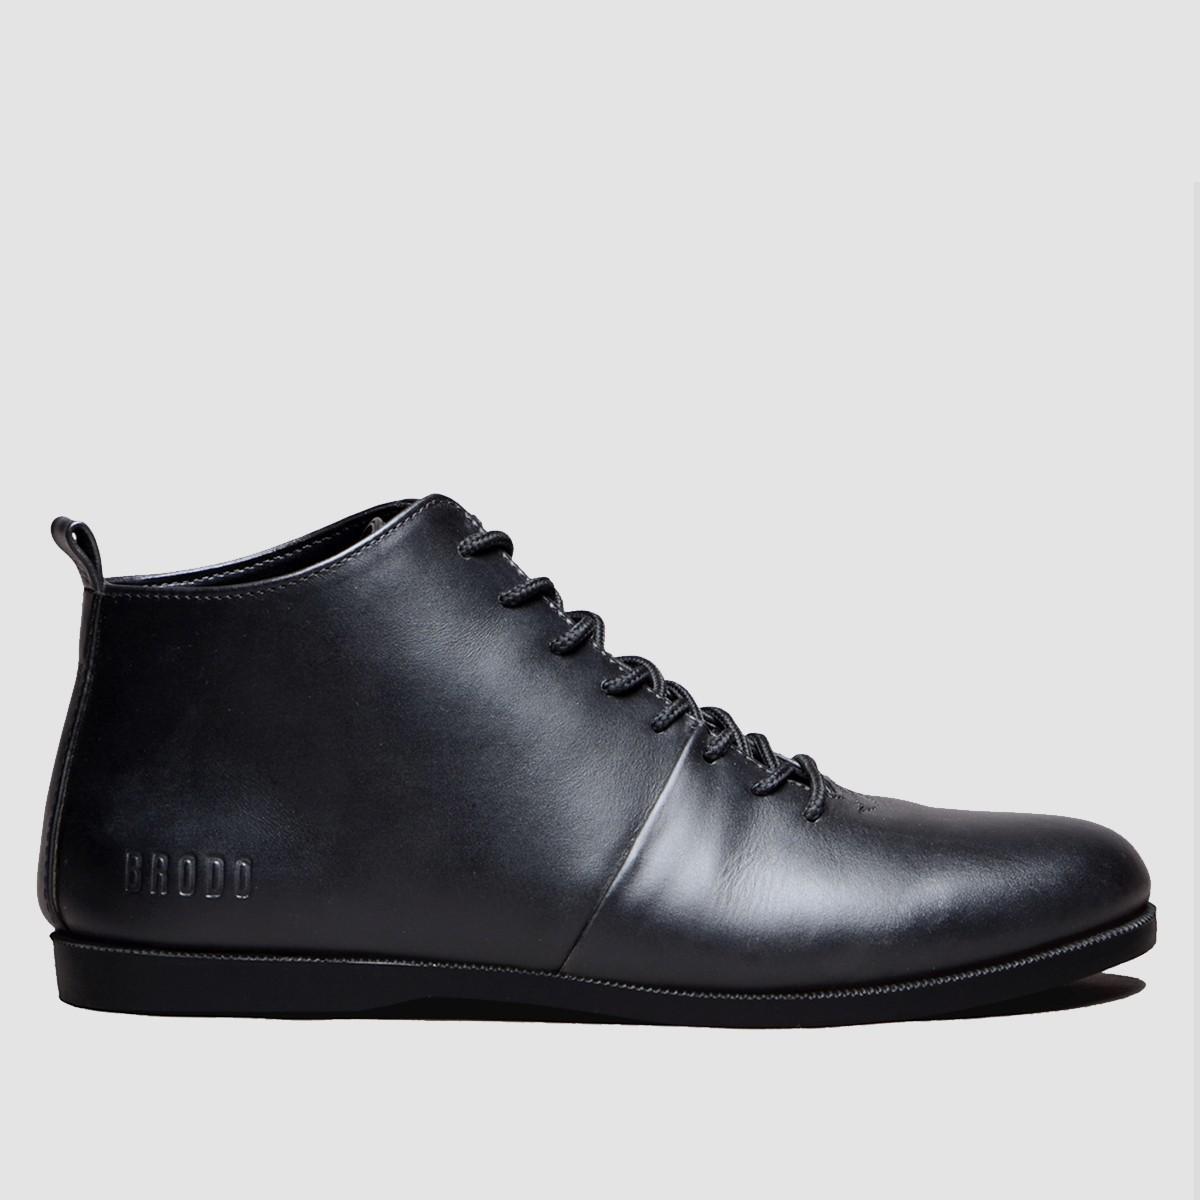 Hasil gambar untuk sepatu kulit brodo